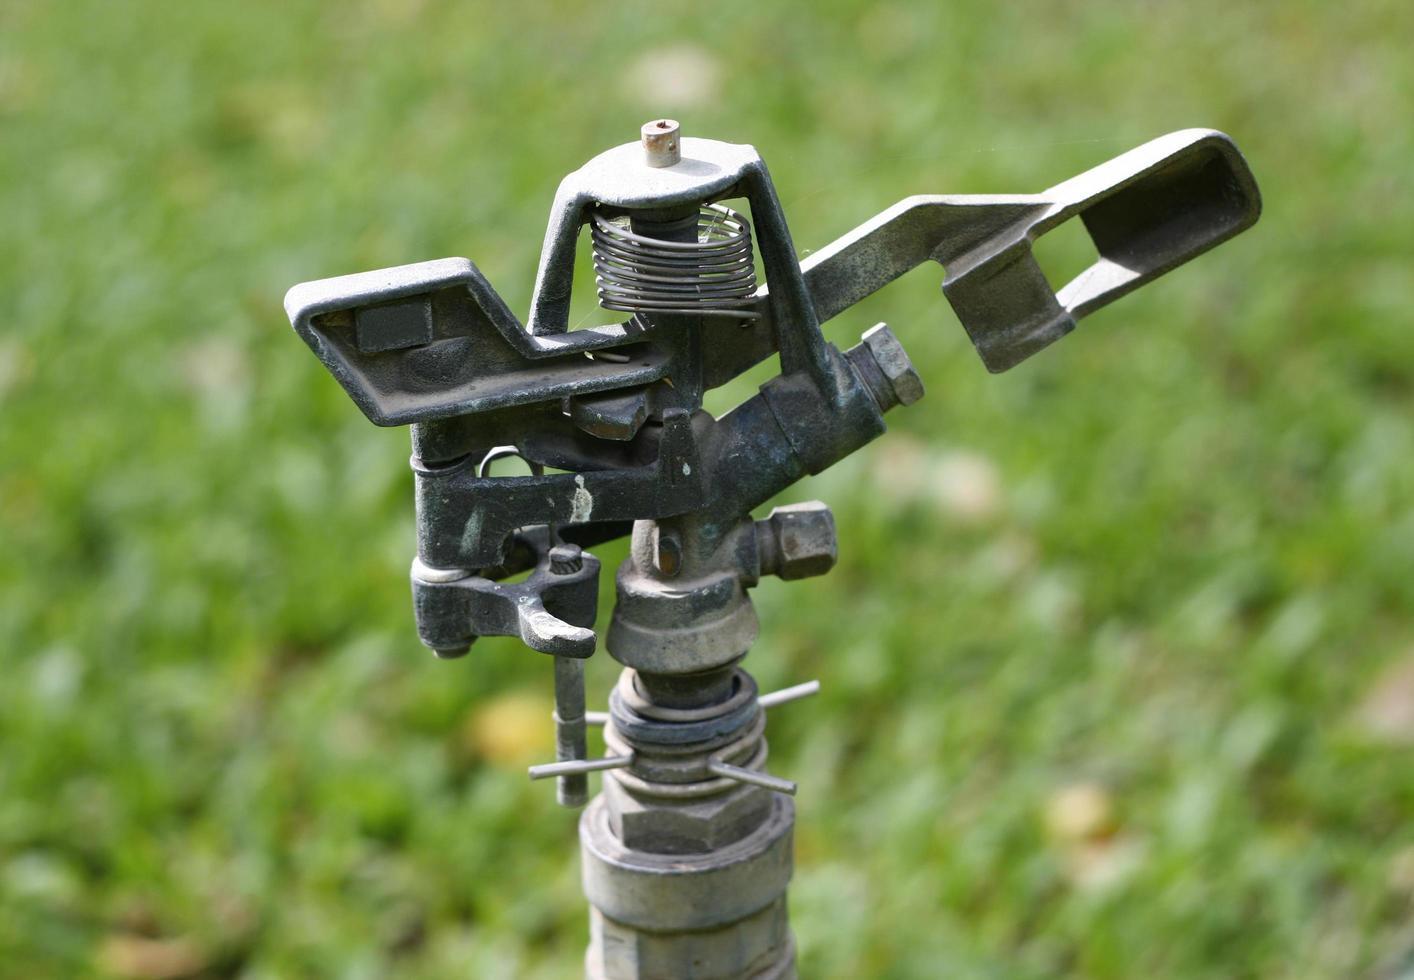 water springer on ground in garden photo